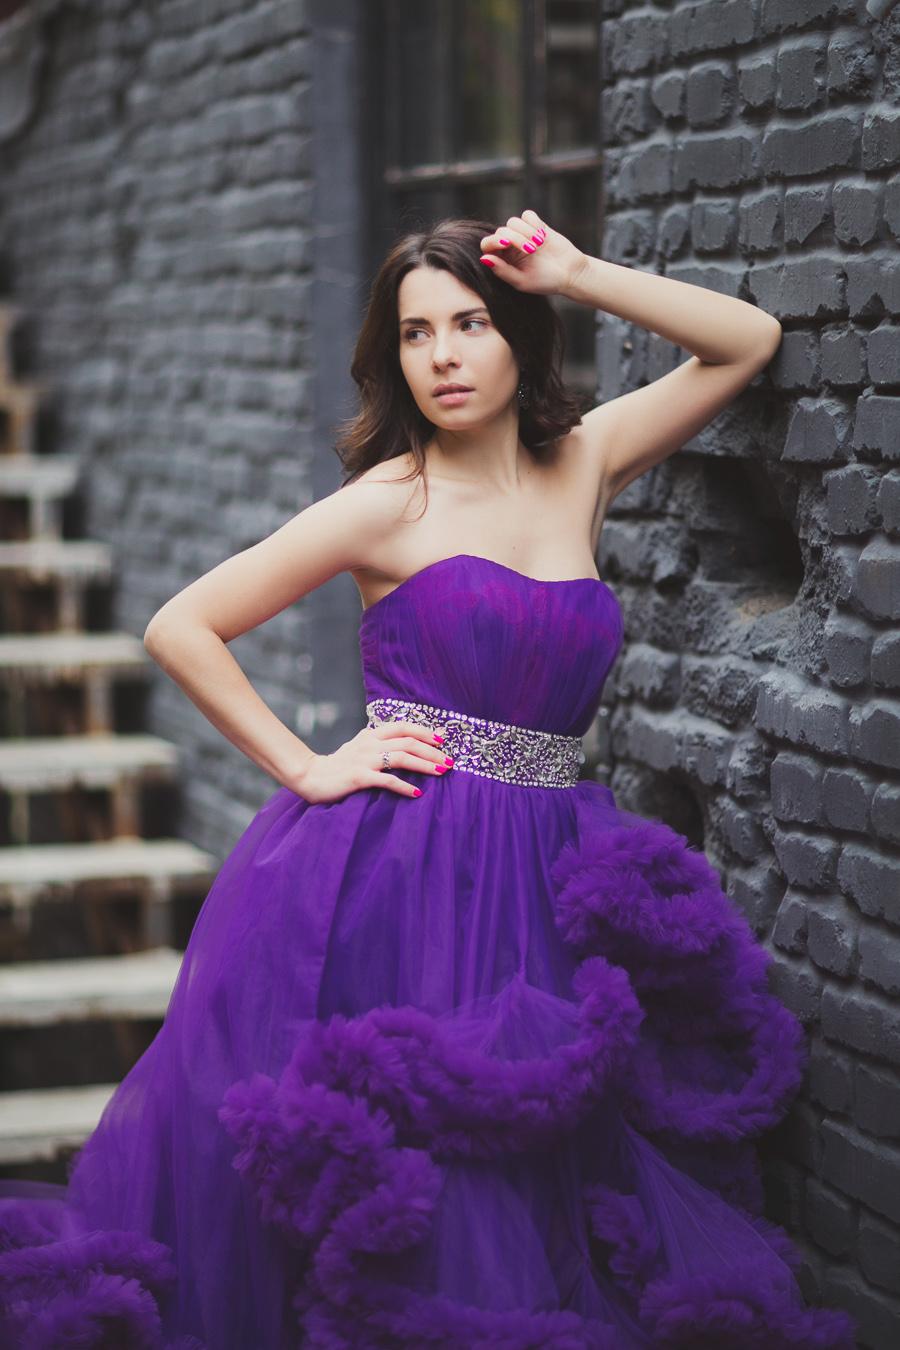 Фиолетовое пышное платье-облако А-образного силуэта в фотосессии